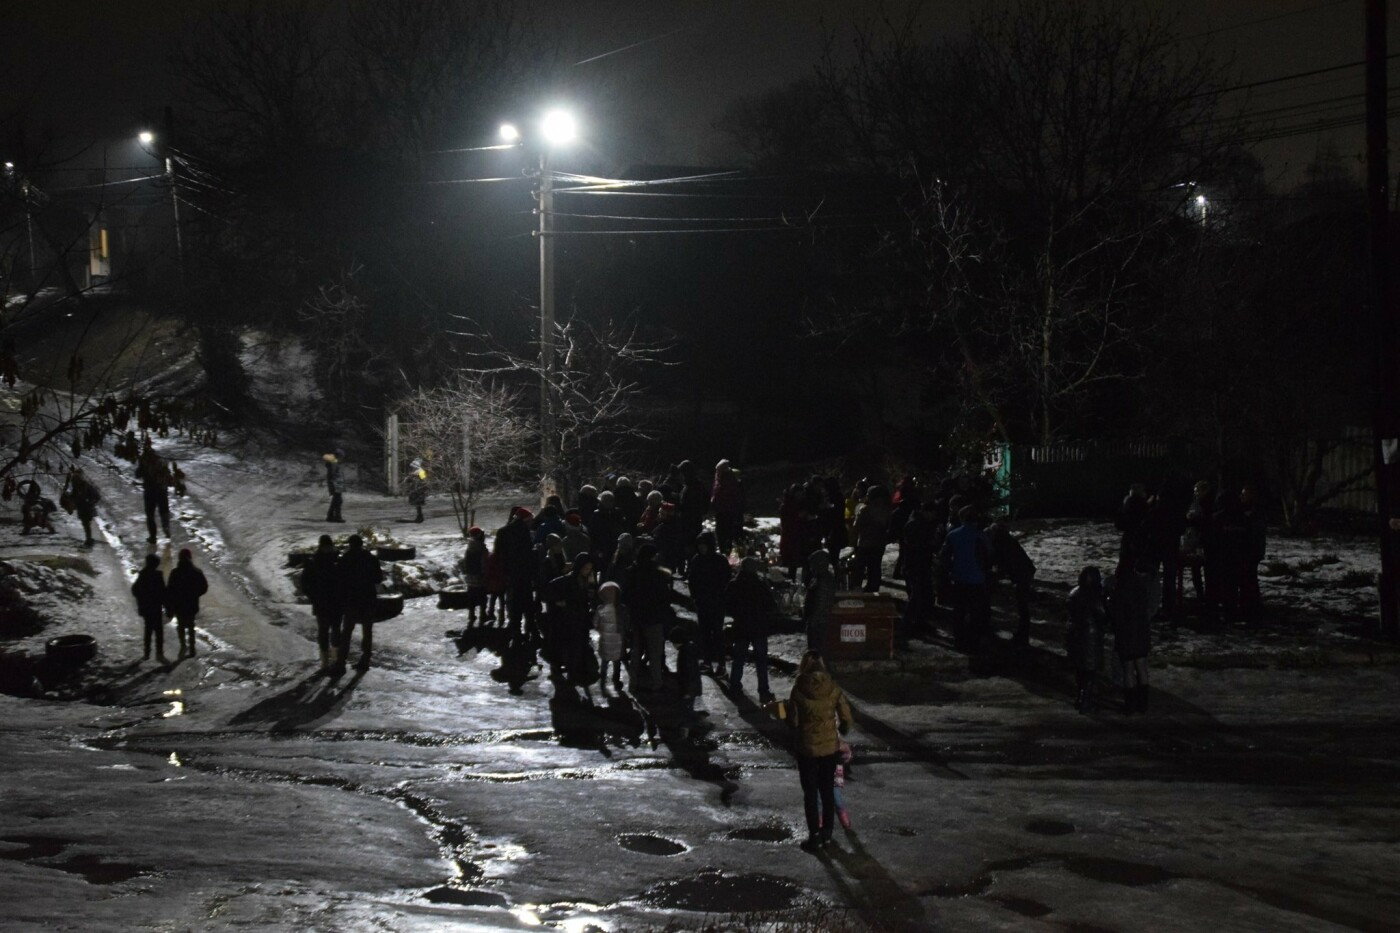 У 35-му кварталі Конотопа влаштували новорічні гуляння на вулиці+ФОТО, фото-5